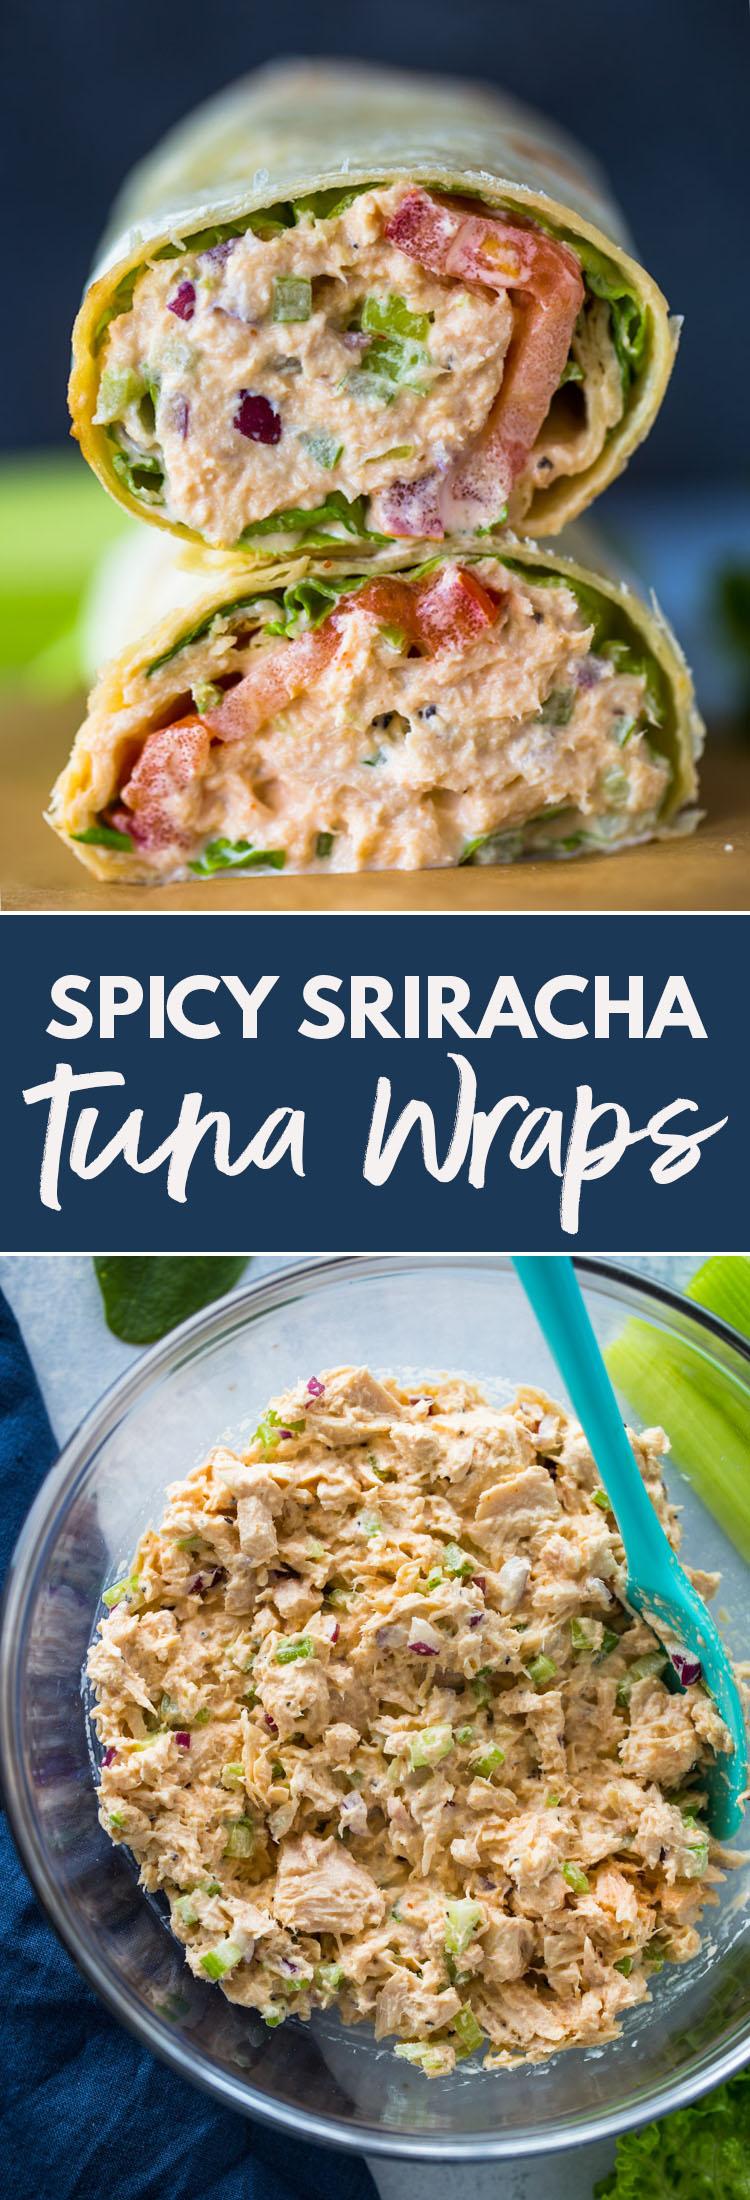 Spicy Sriracha Tuna Wraps